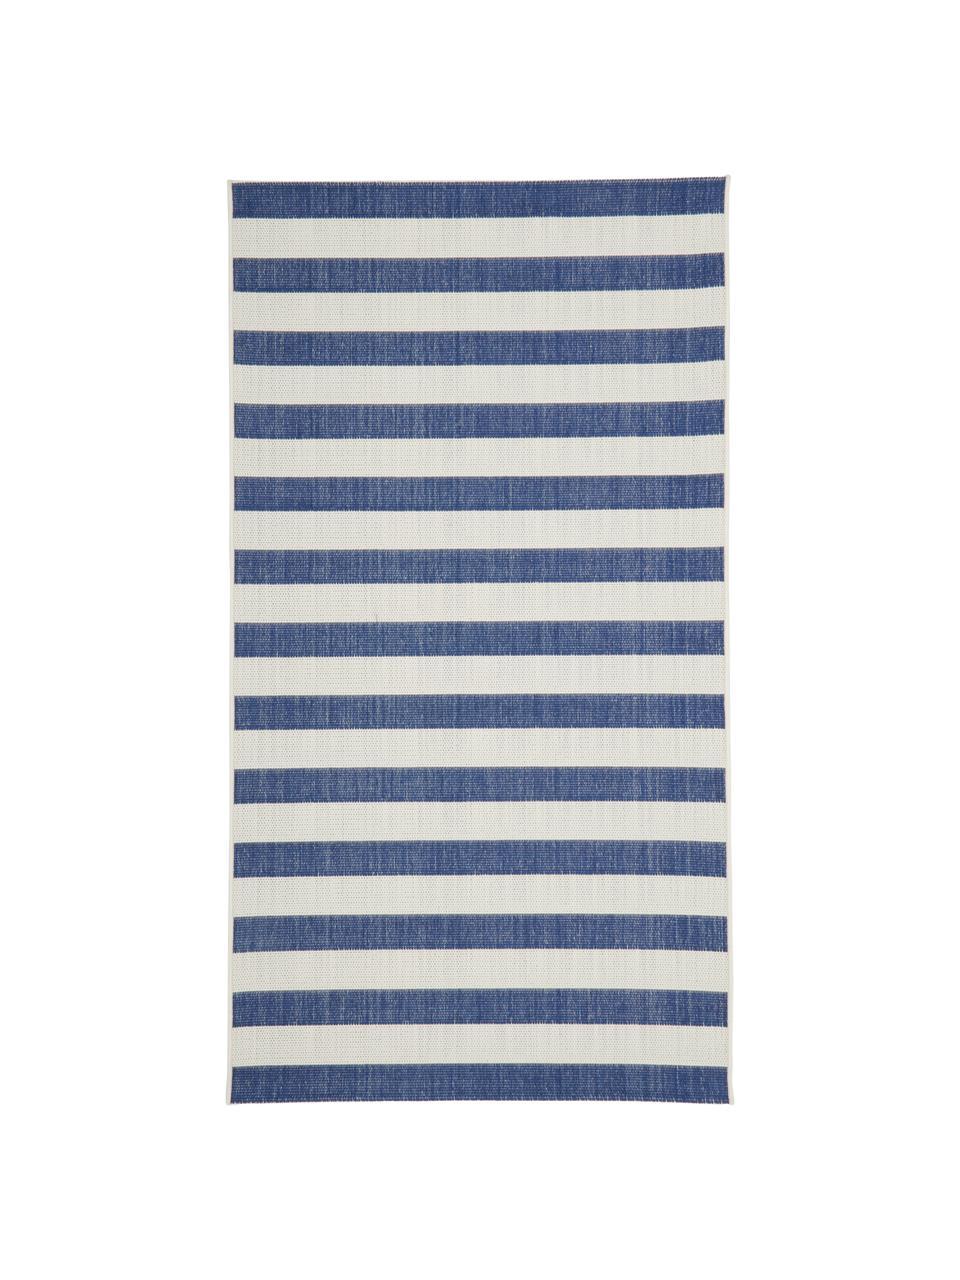 Tappeto blu/bianco a righe da interno-esterno Axa, 86% polipropilene, 14% poliestere, Bianco crema, blu, Larg. 200 x Lung. 290 cm  (taglia L)